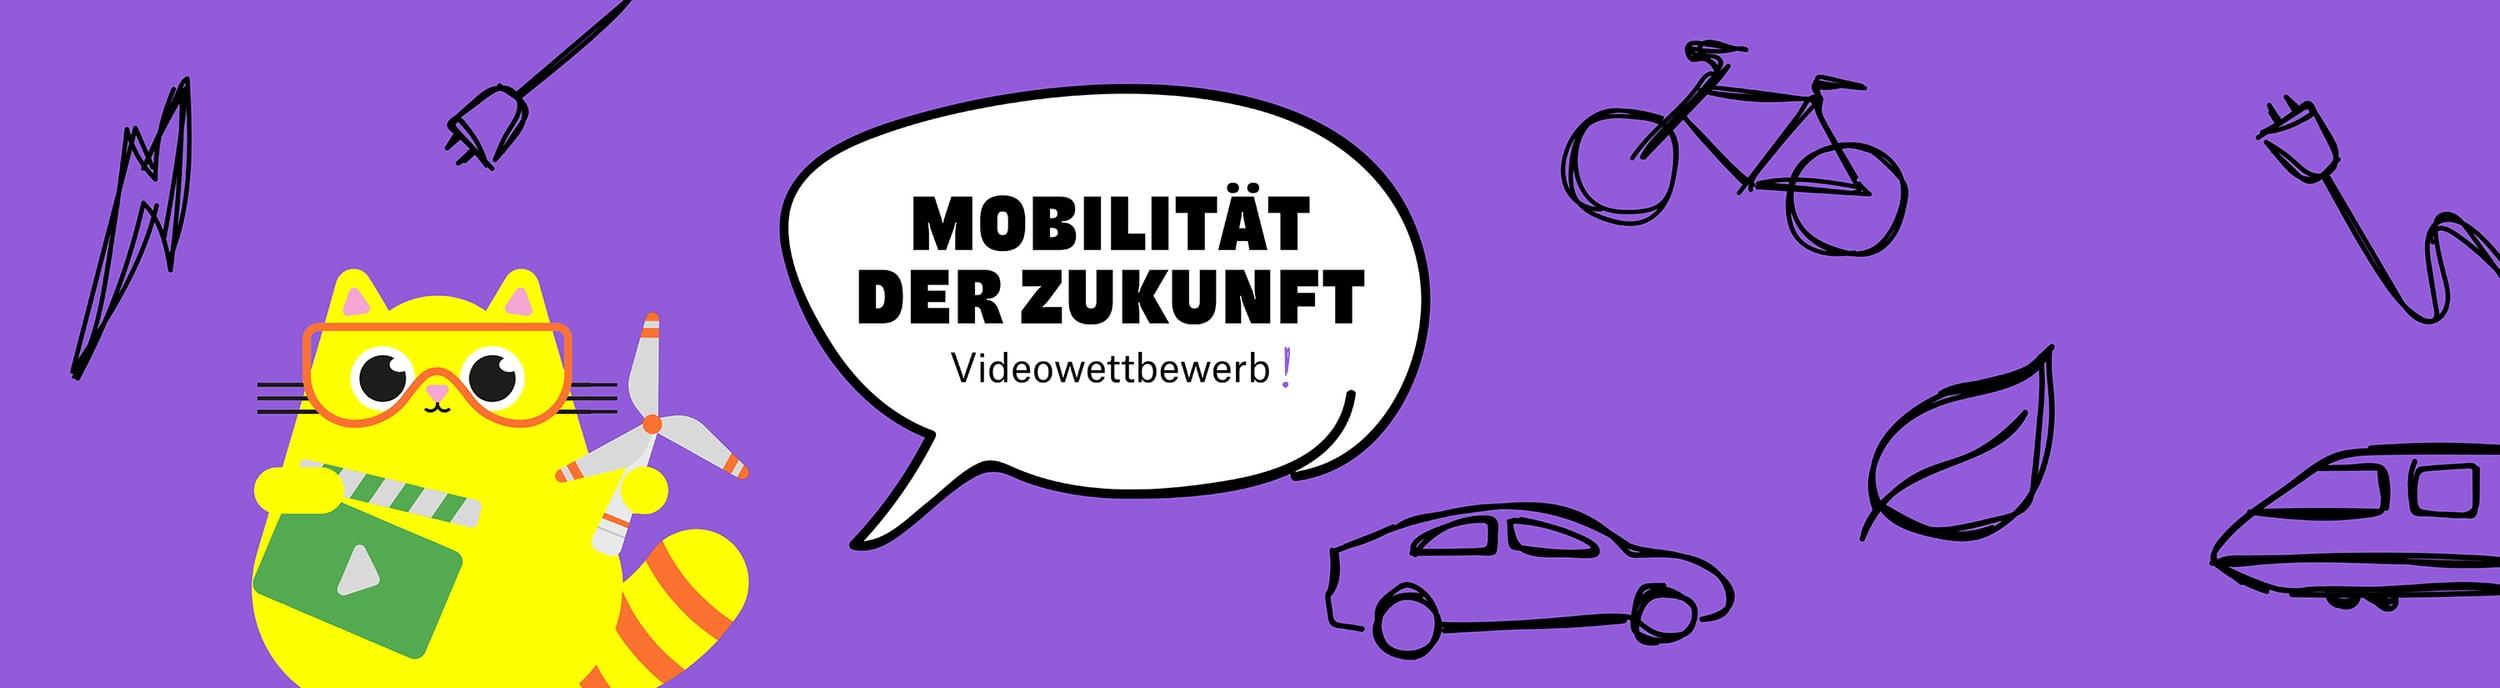 Videowettbewerb 2021 LET'S TECH Mobilität der Zukunft Wissenschaftskatze Clippy